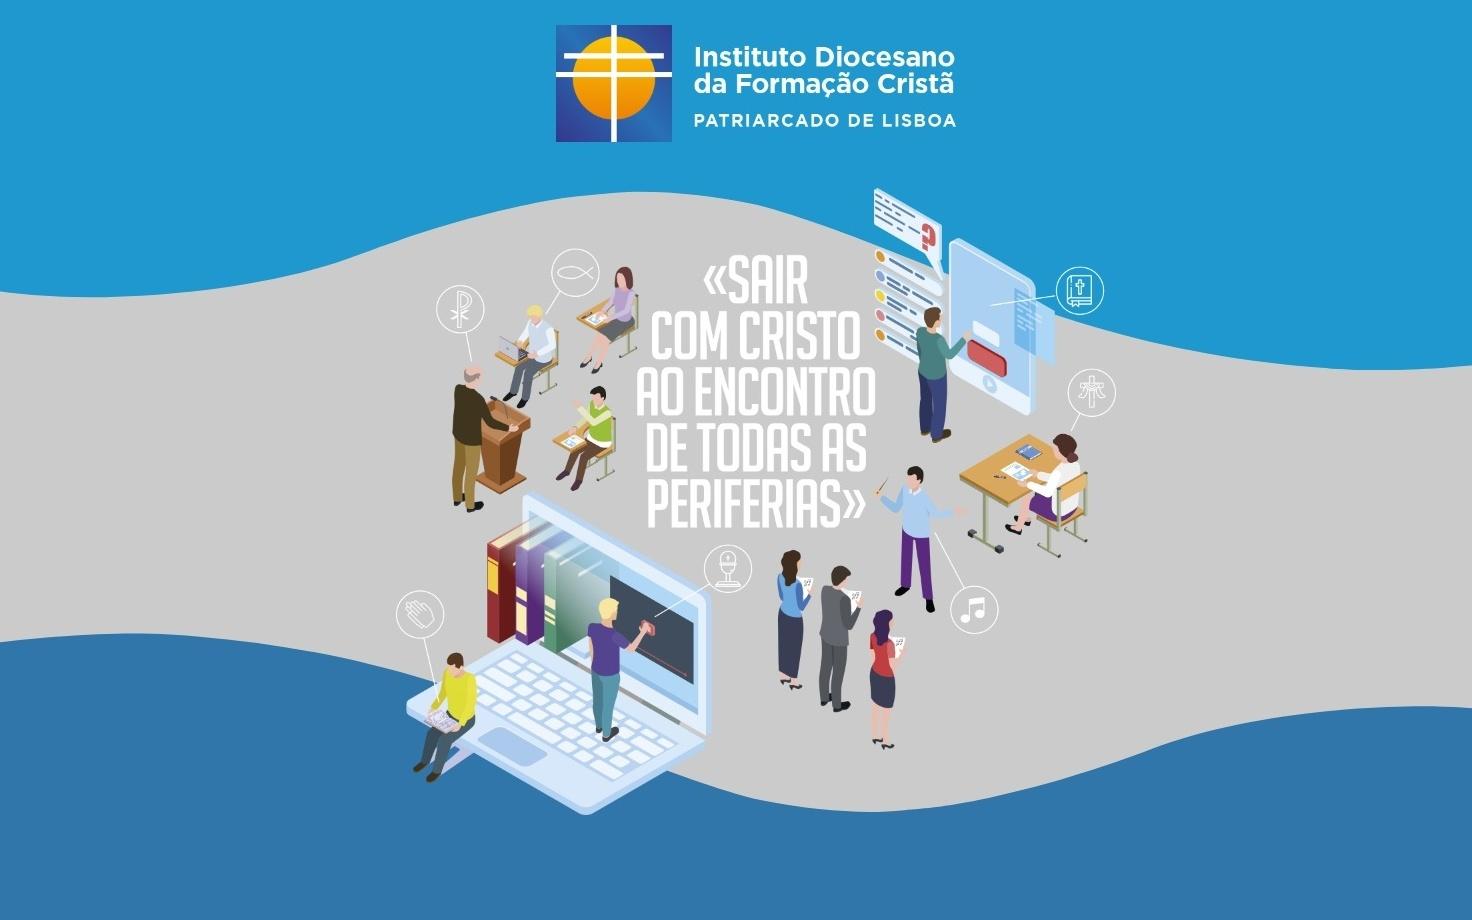 IDFC abre inscrições para cursos online